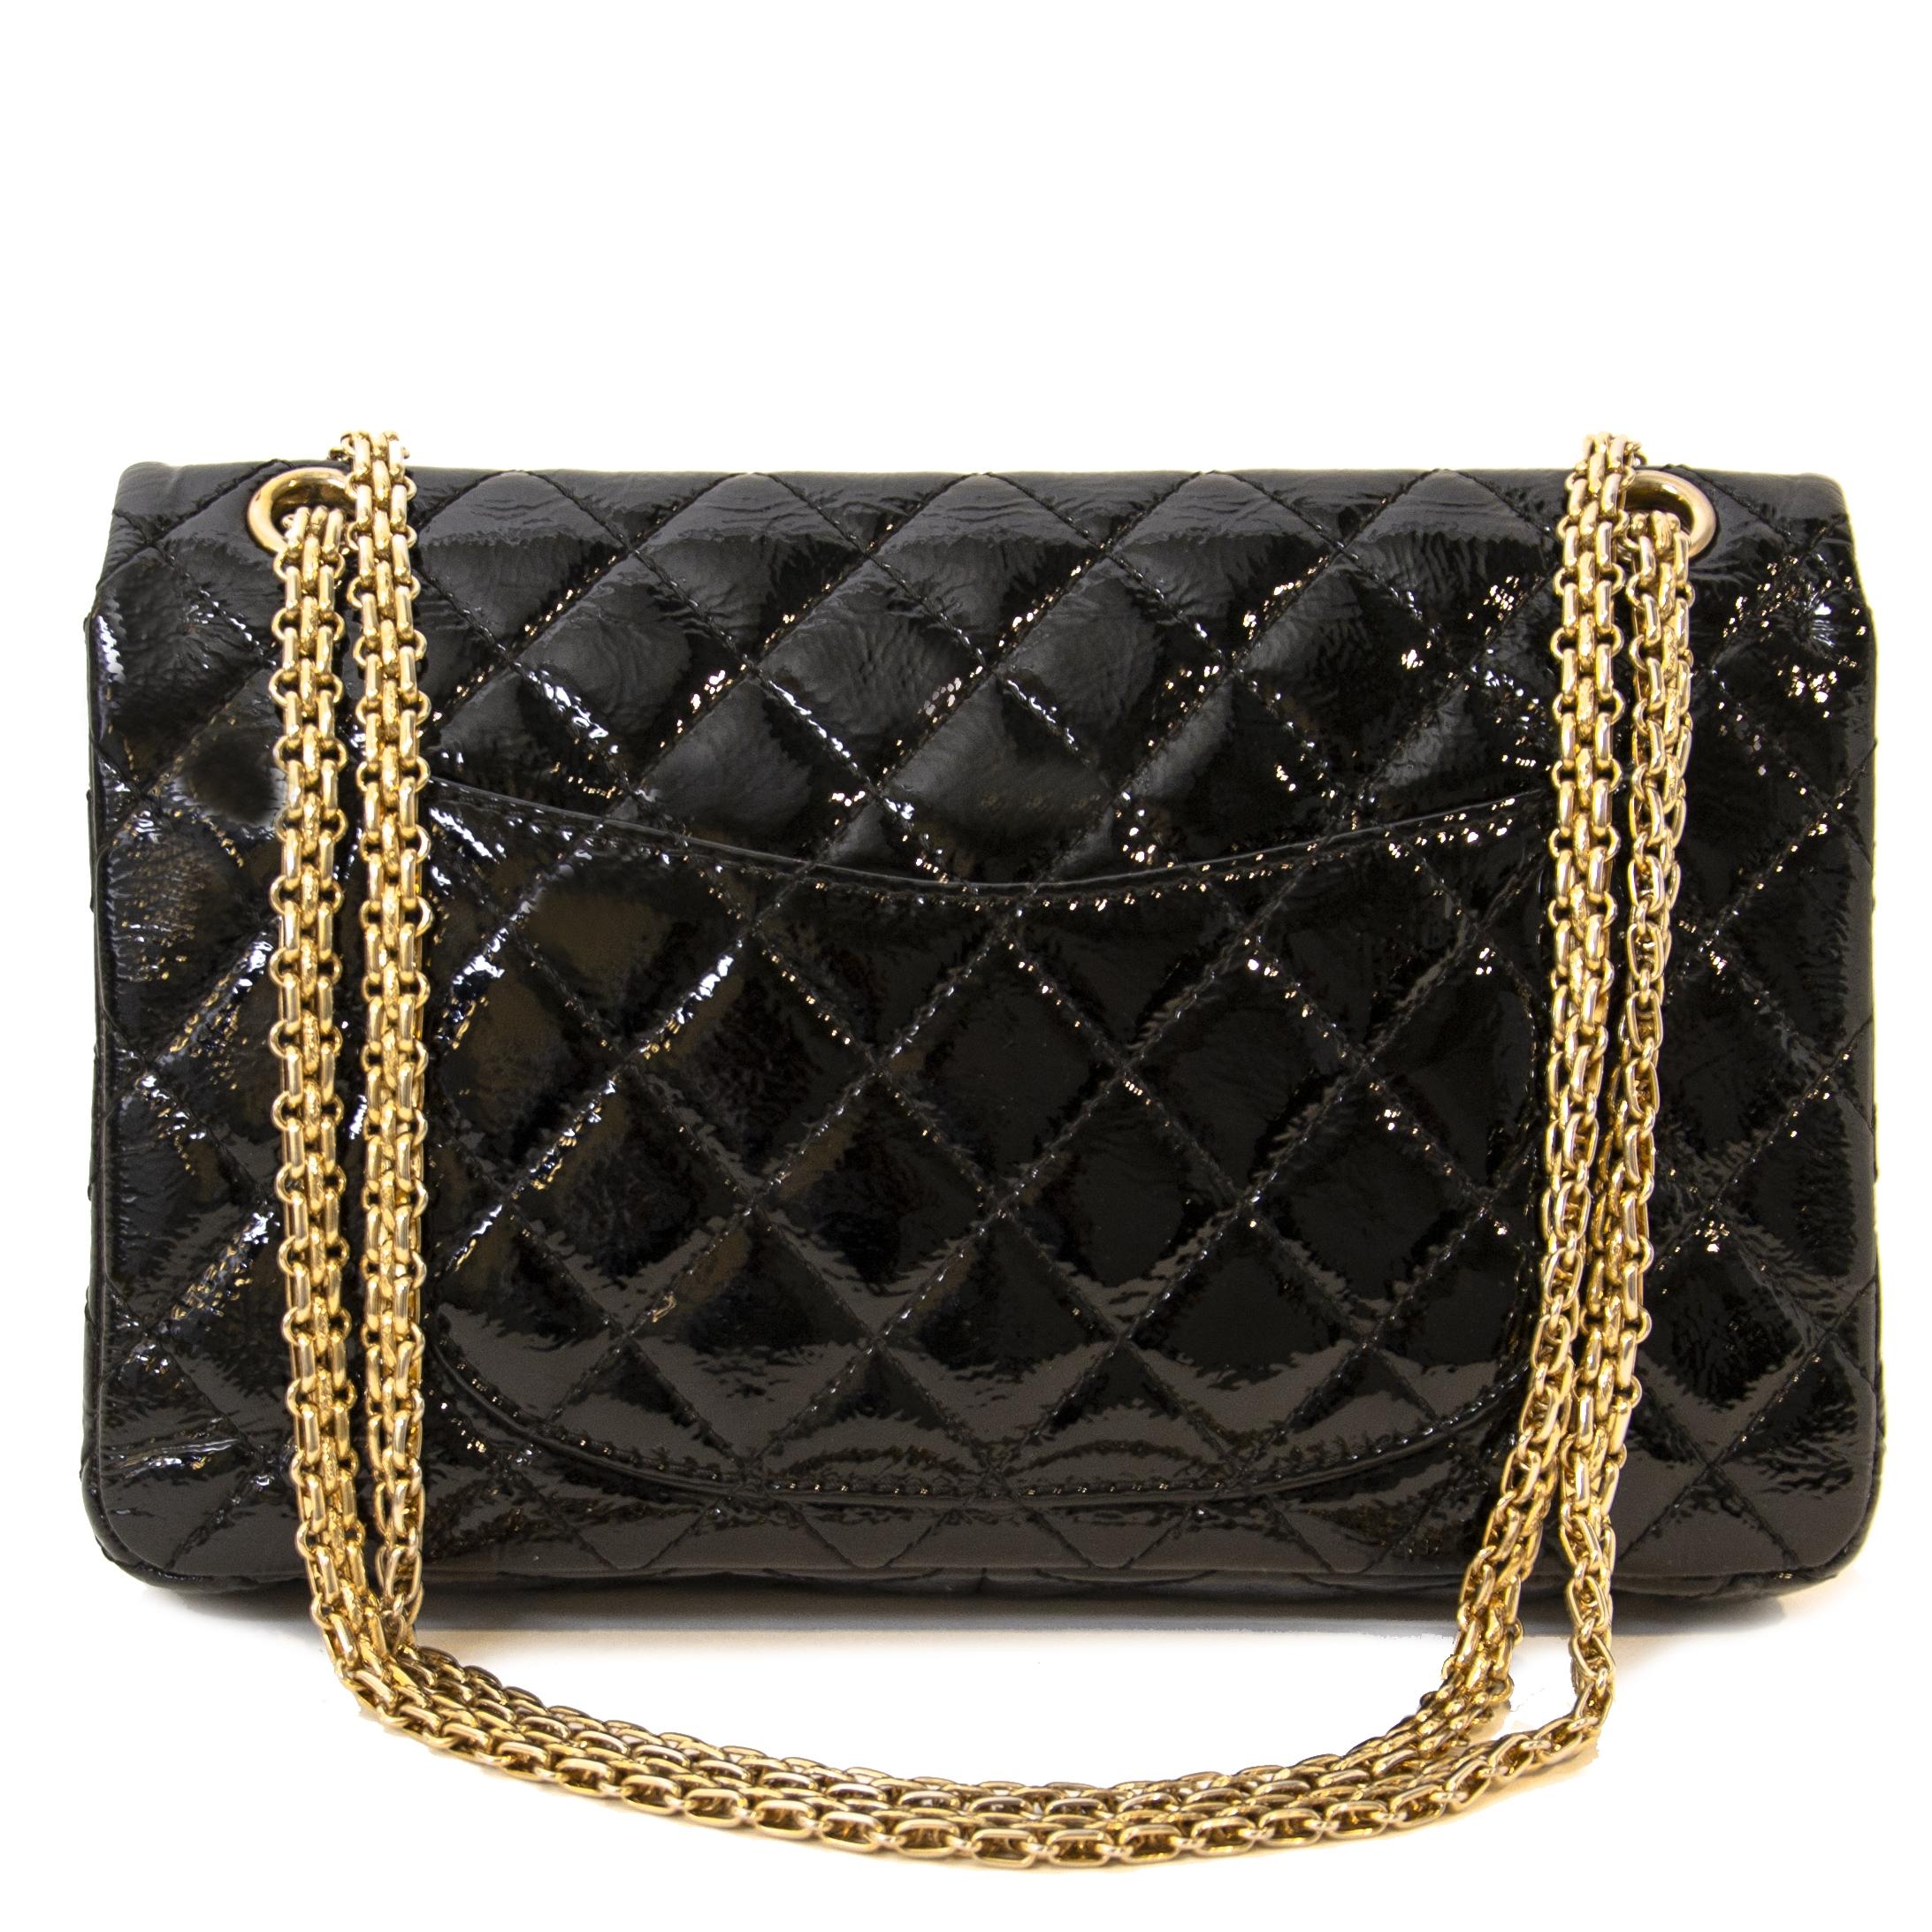 963de5c03bff0e Koop een auhtentieke Chanel Black Patent Flap Shoulder Bag aan de jusite  prijs bij LabelLov webshop